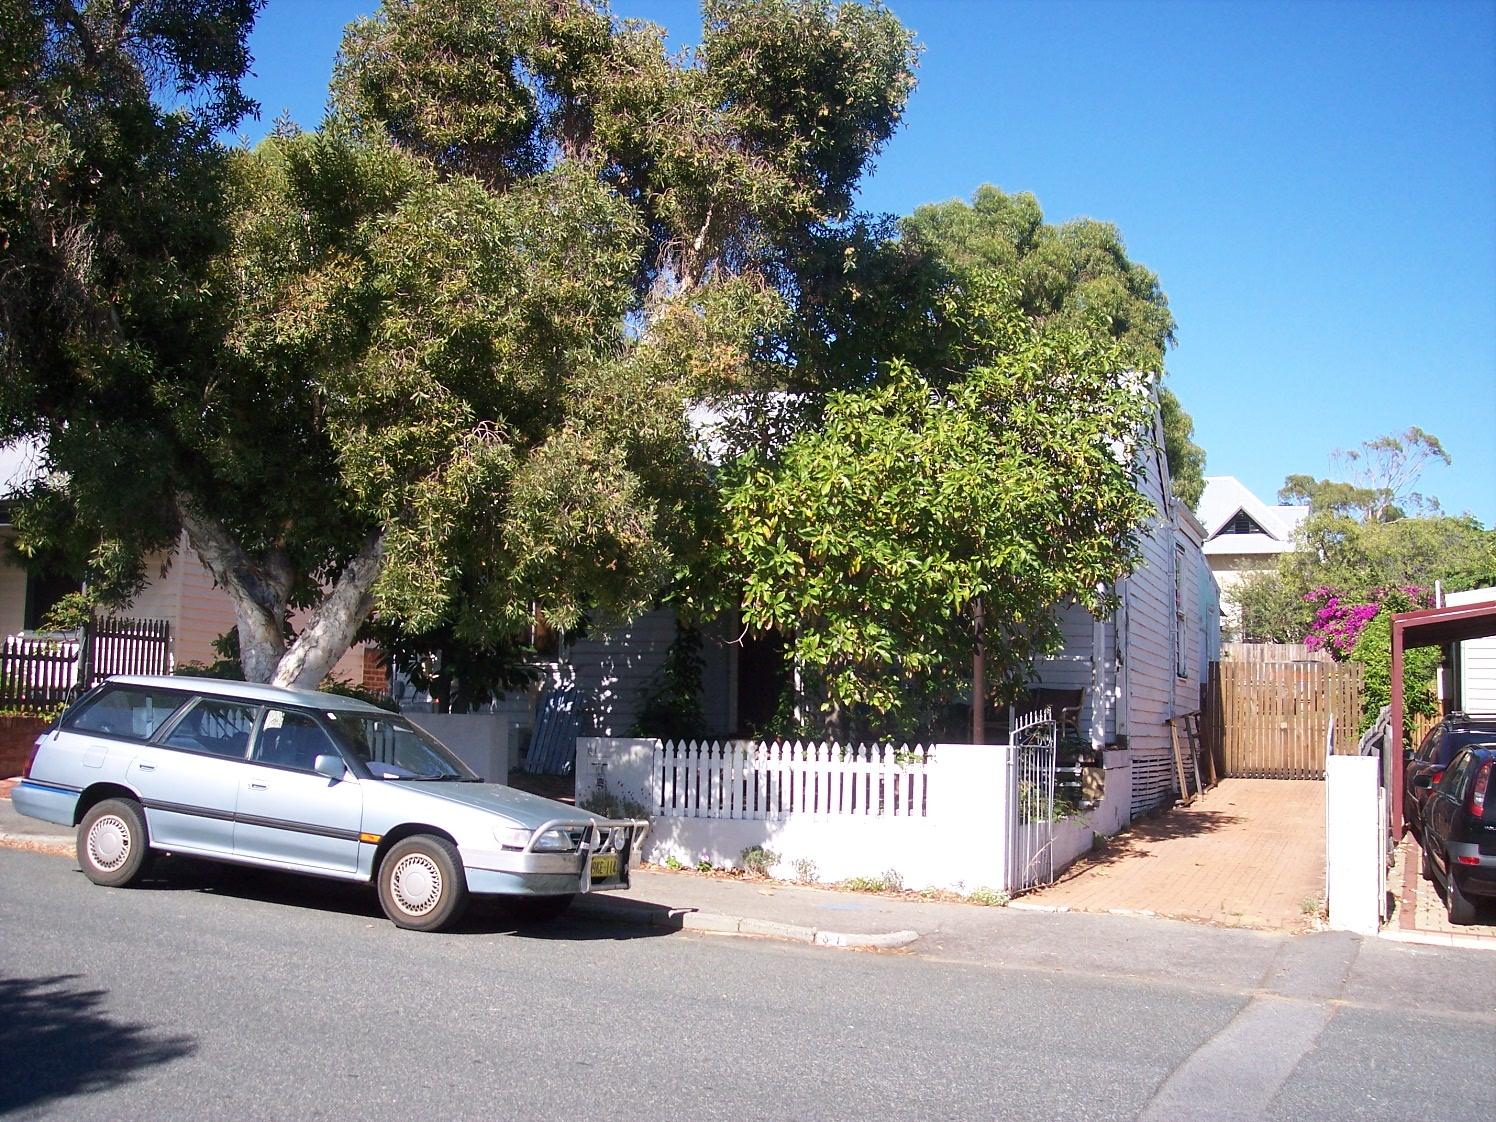 16-1-07 View W2 81 Hubble Street.jpg